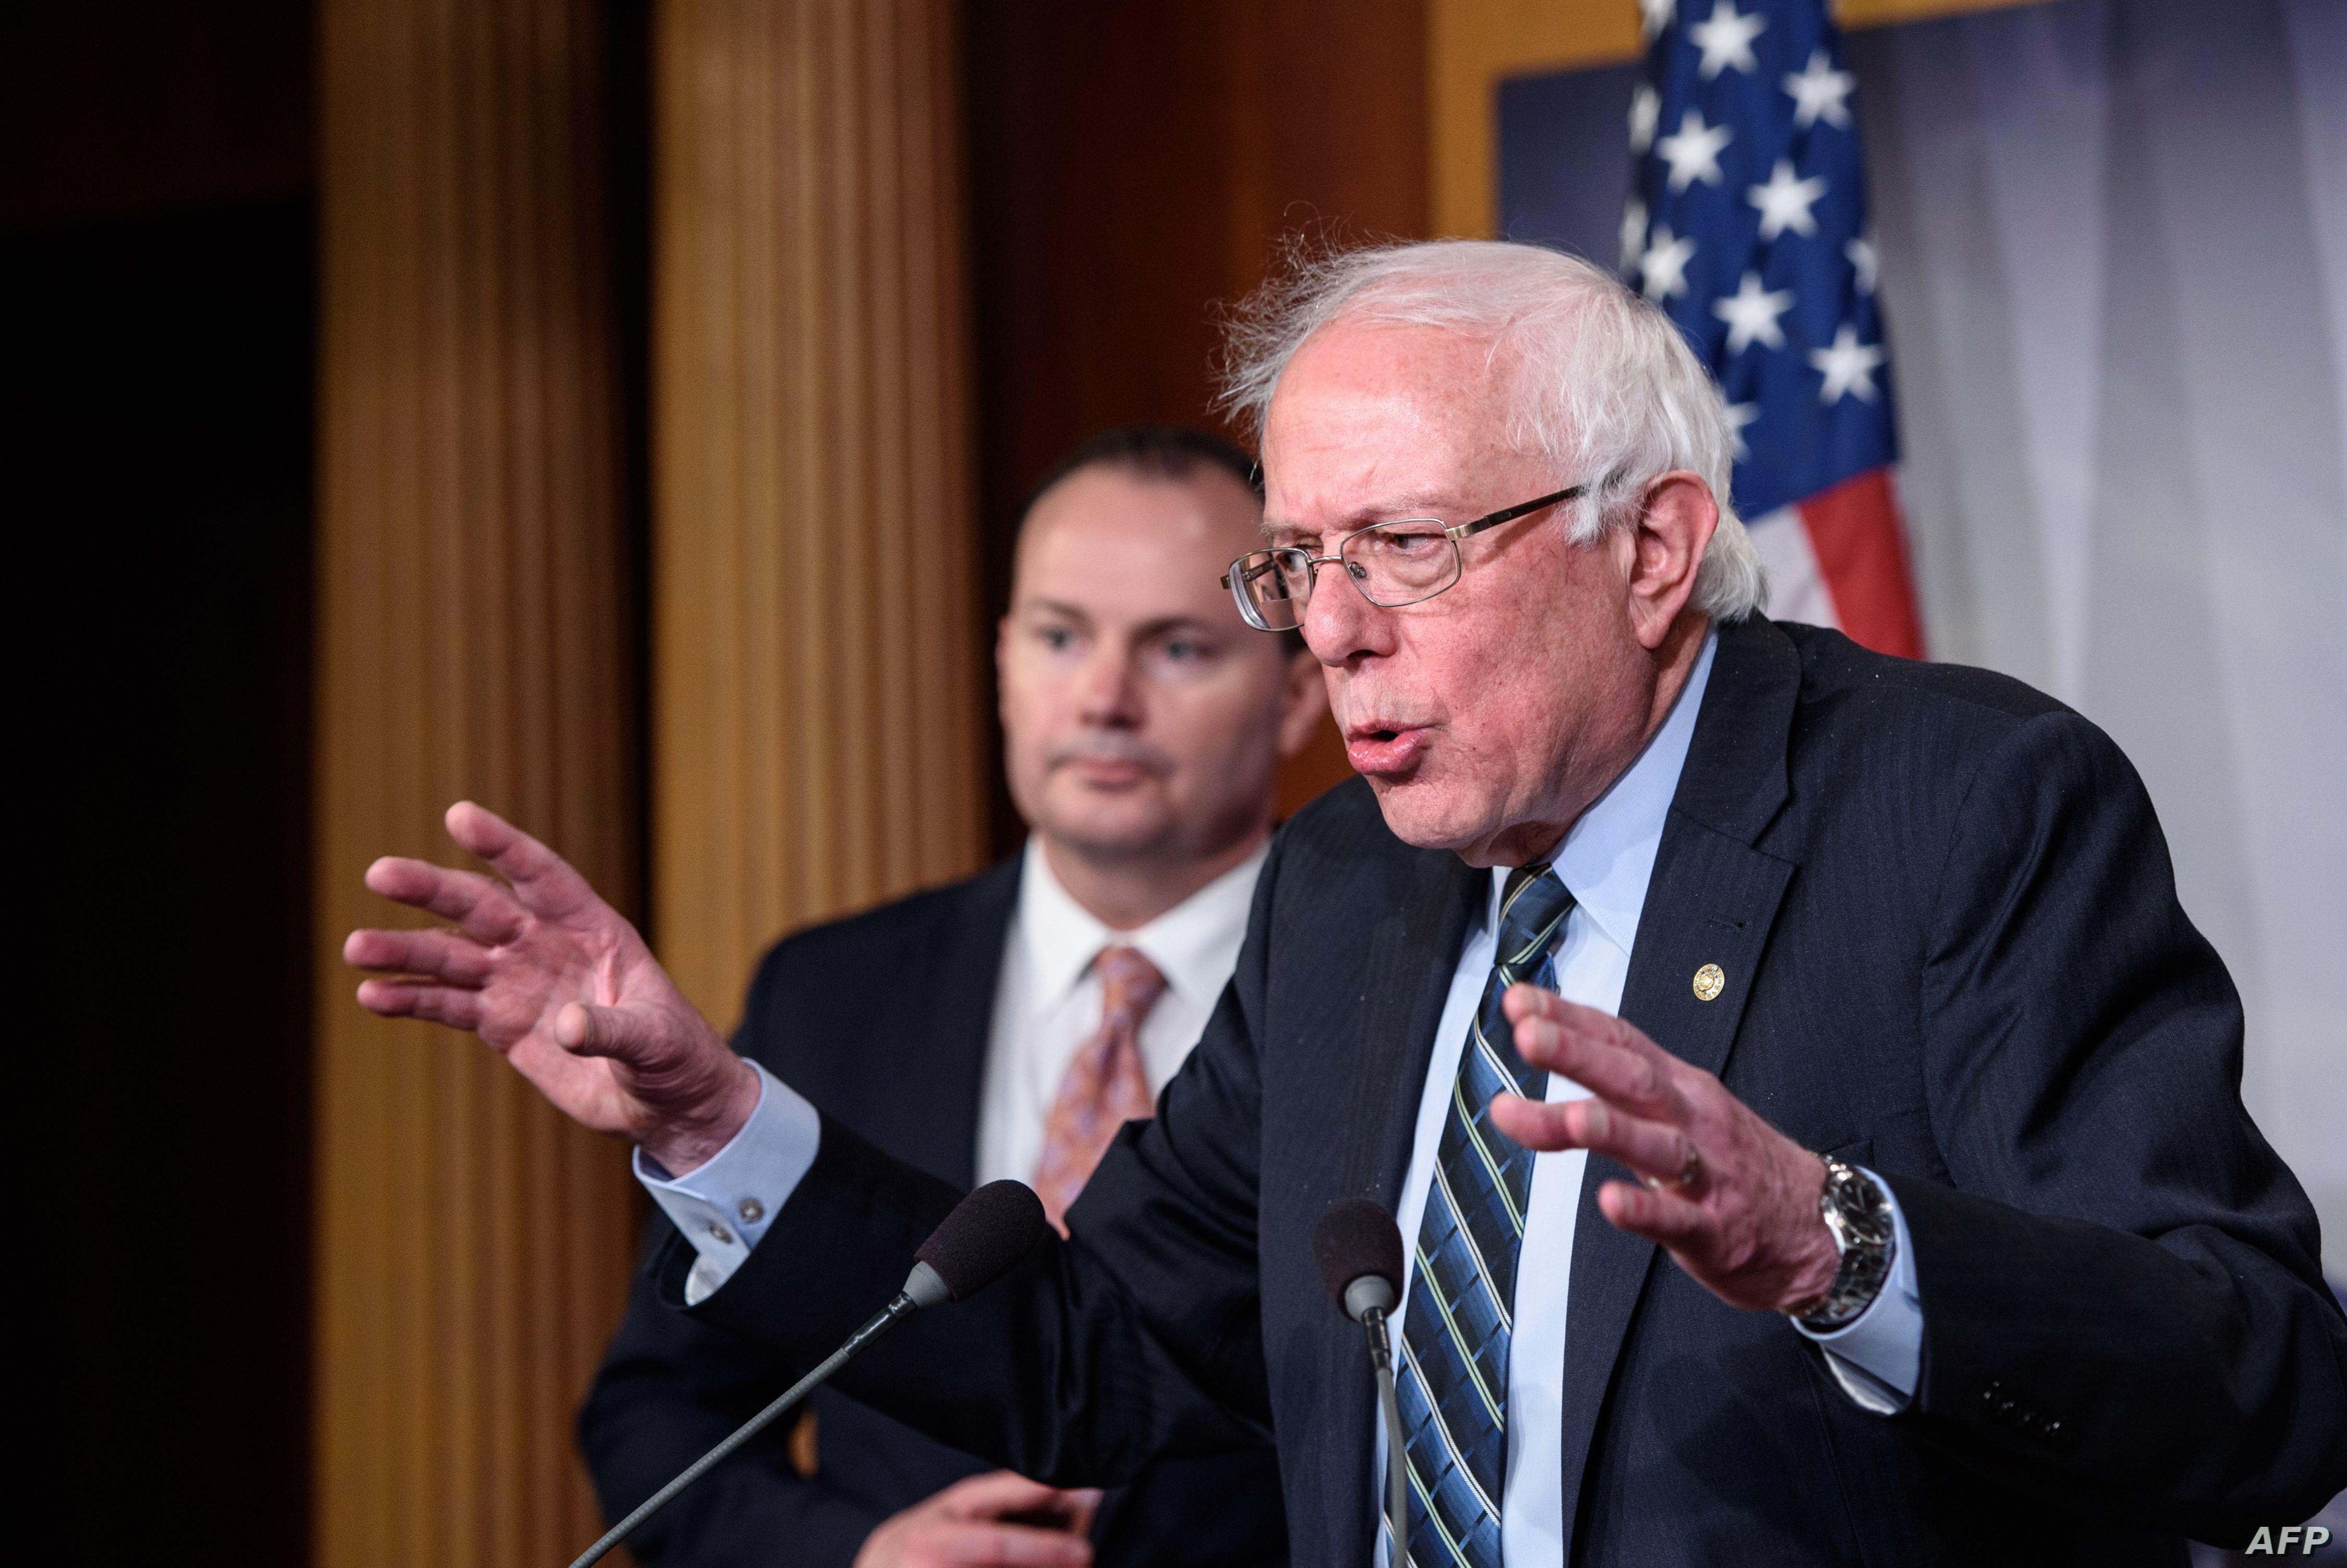 ساندرز: هذه الخطوة ستساعد في حل هذا الصراع وتقديم المساعدات وإعادة الإعمار اليمن